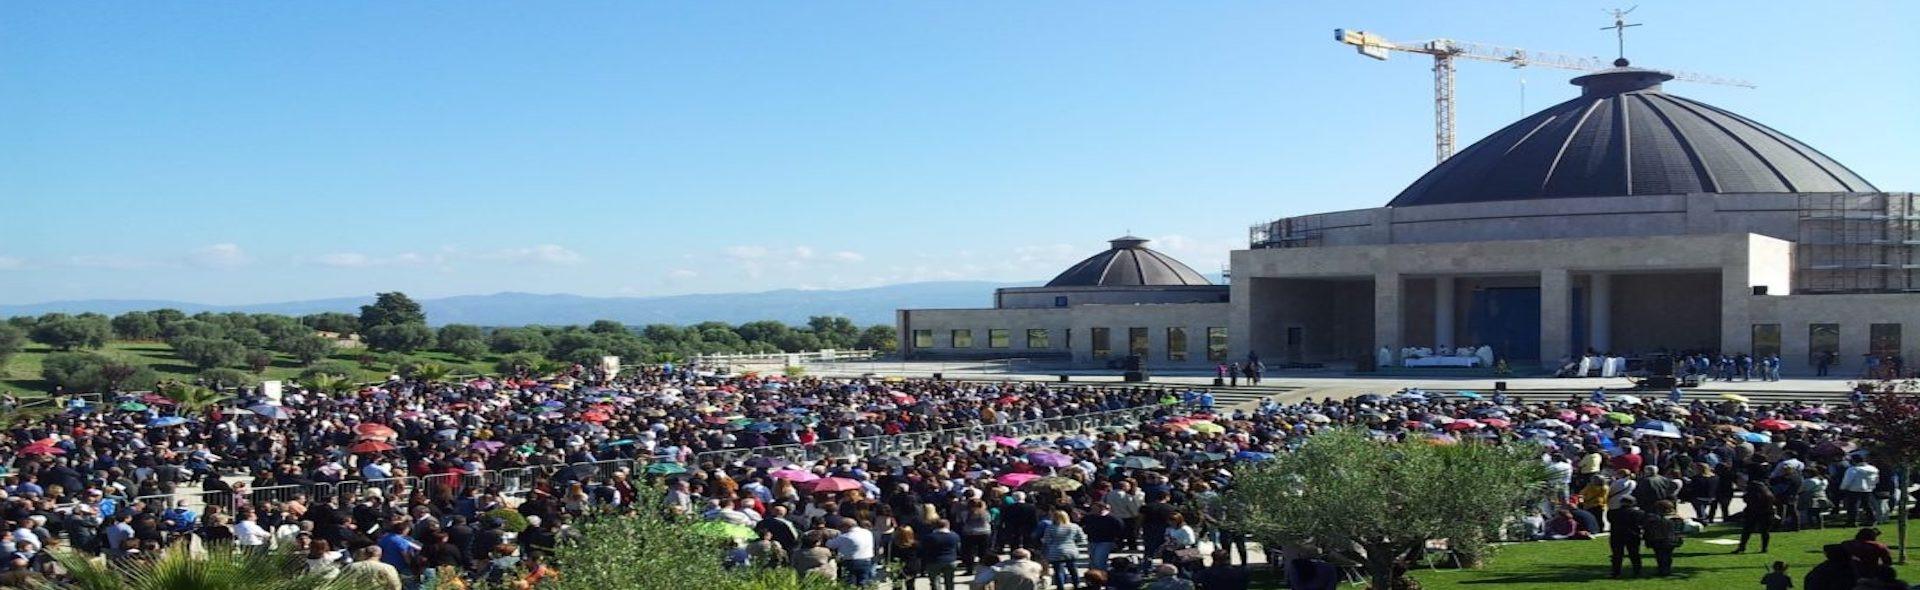 Pellegrinaggio da Natuzza Evolo Santi